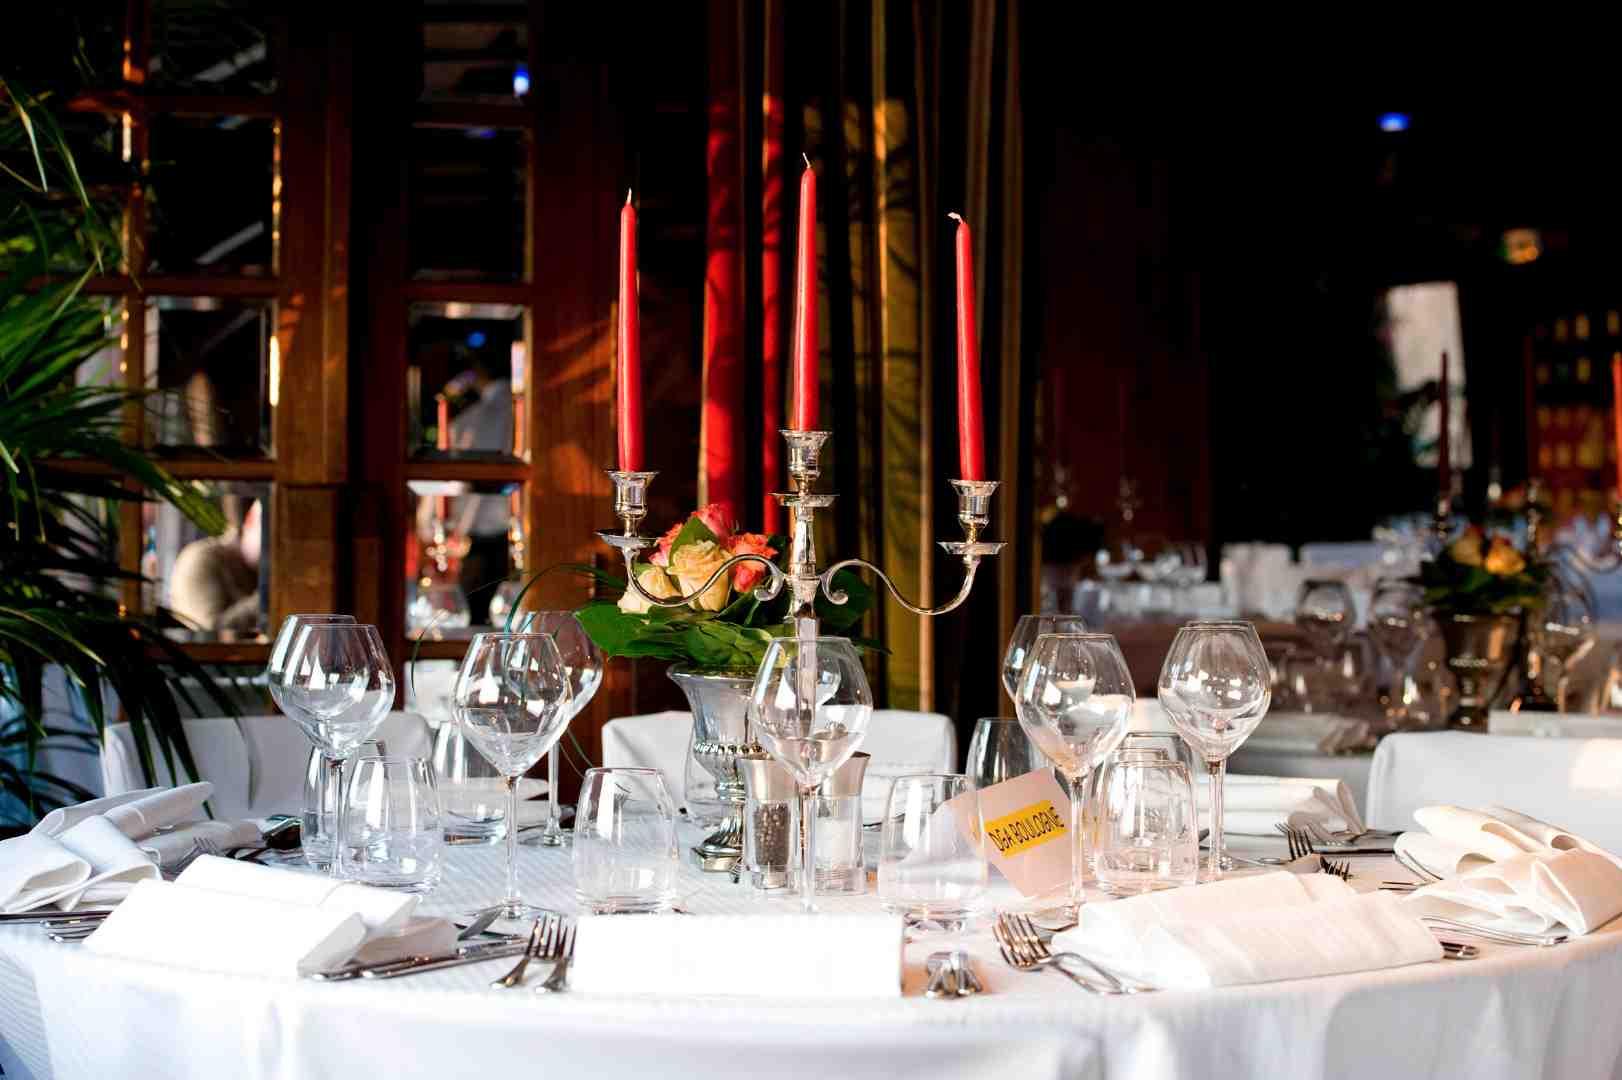 Le galion restaurant atypique privatiser be no for Restaurant atypique